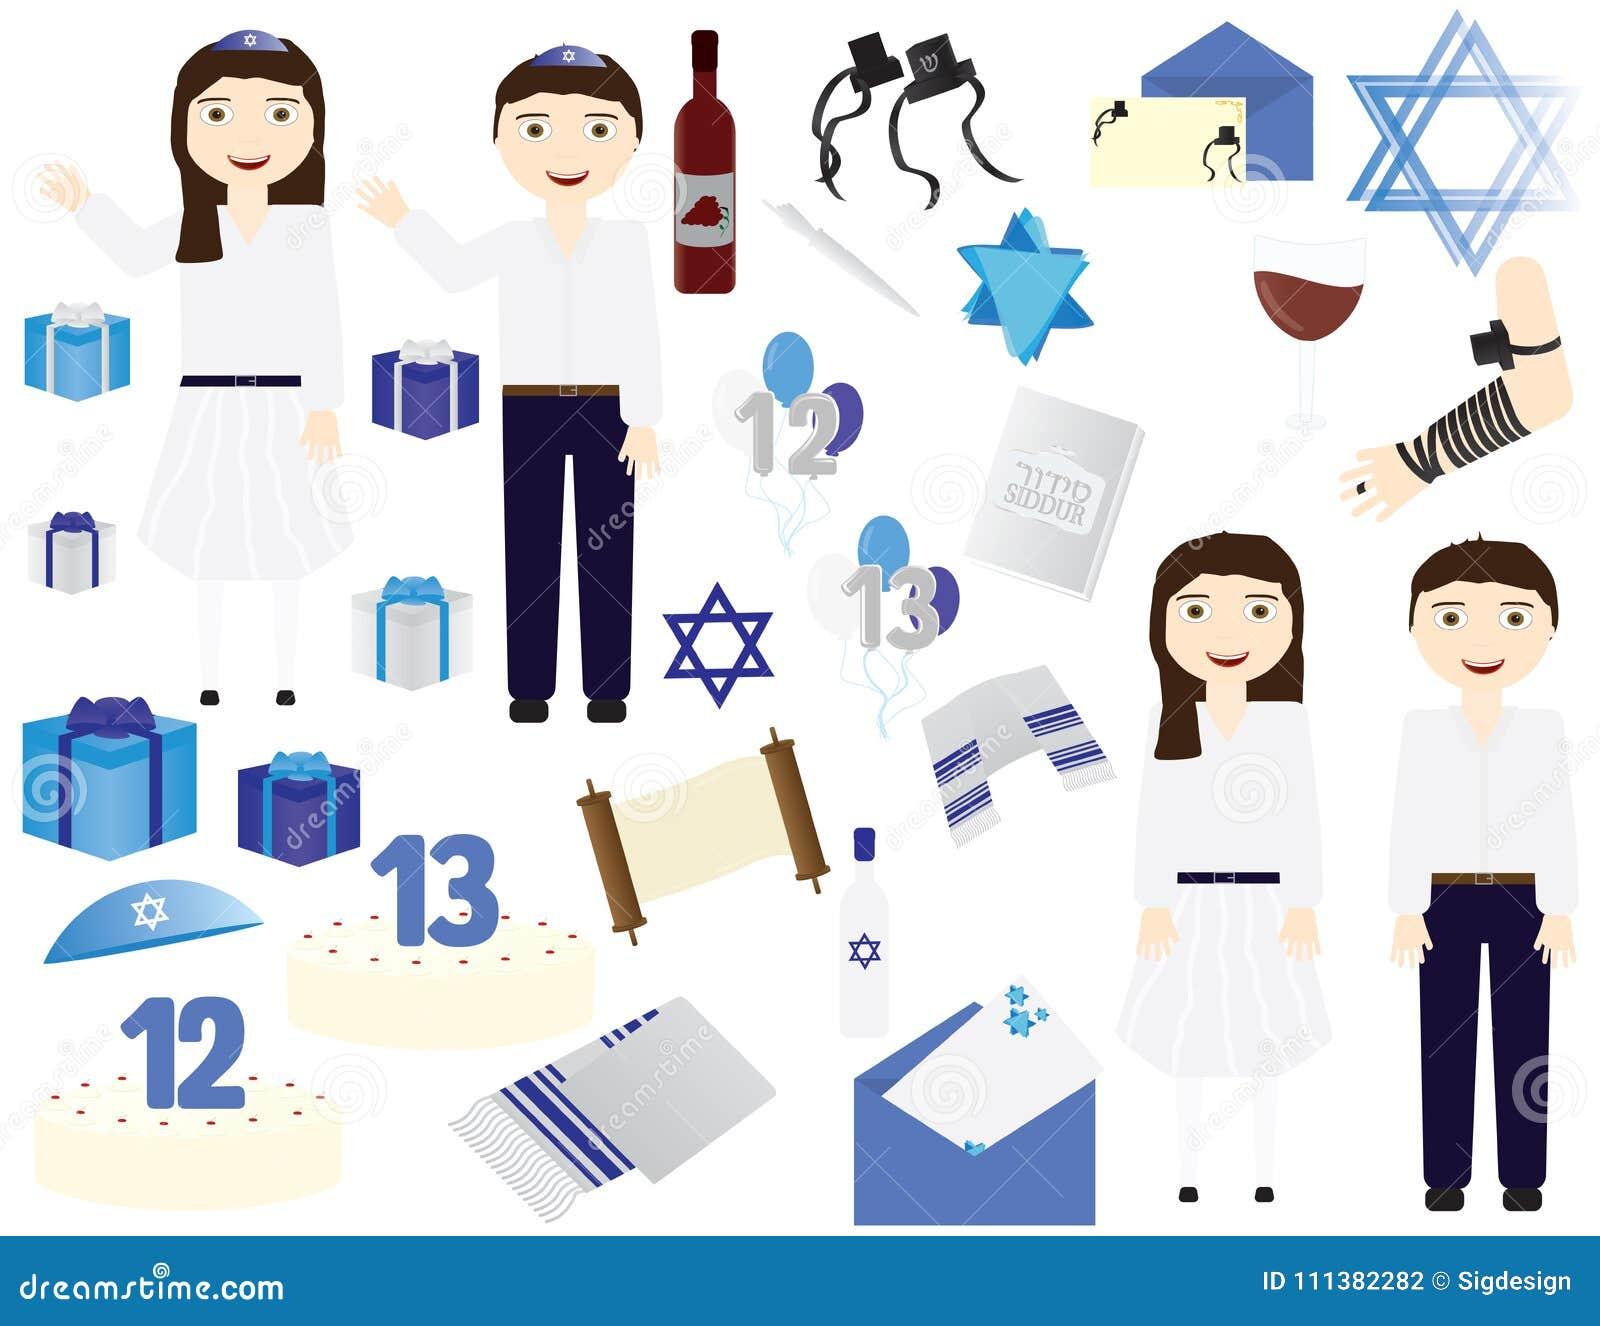 Judische Bar Mizwa Bat Mitzvah Vektorikonenelemente Judisches